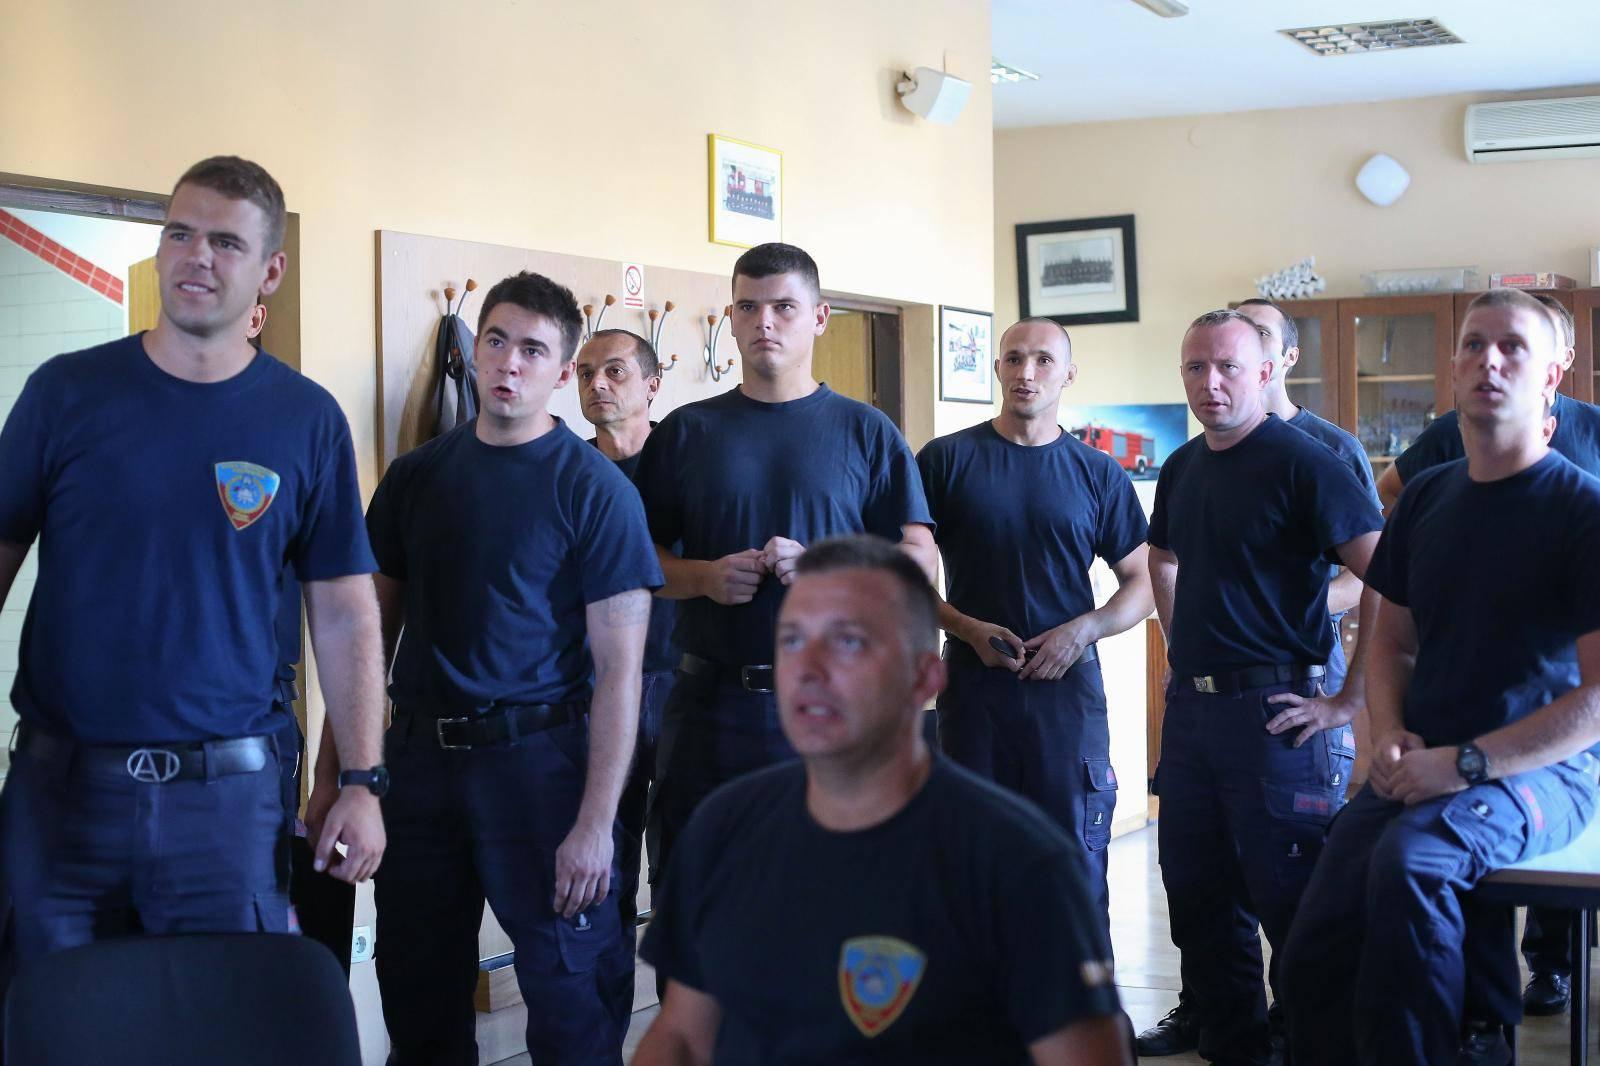 Zagrebački vatrogasci gledali Stipu, a onda je zvonio alarm...